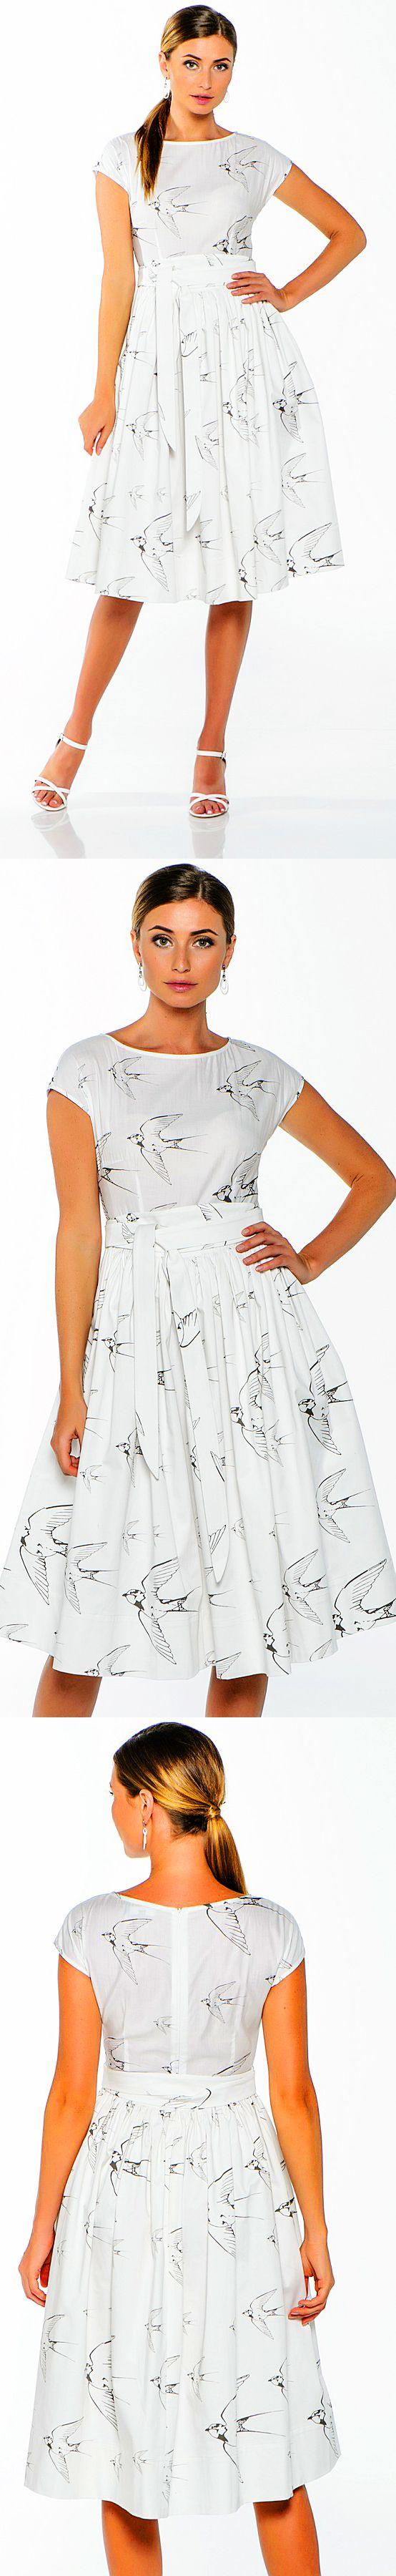 Платье, PALLARI #платье #платья #модныеплатья #лето #офисные #летние #вечерние #накаждыйдень #нарядные #выпускные